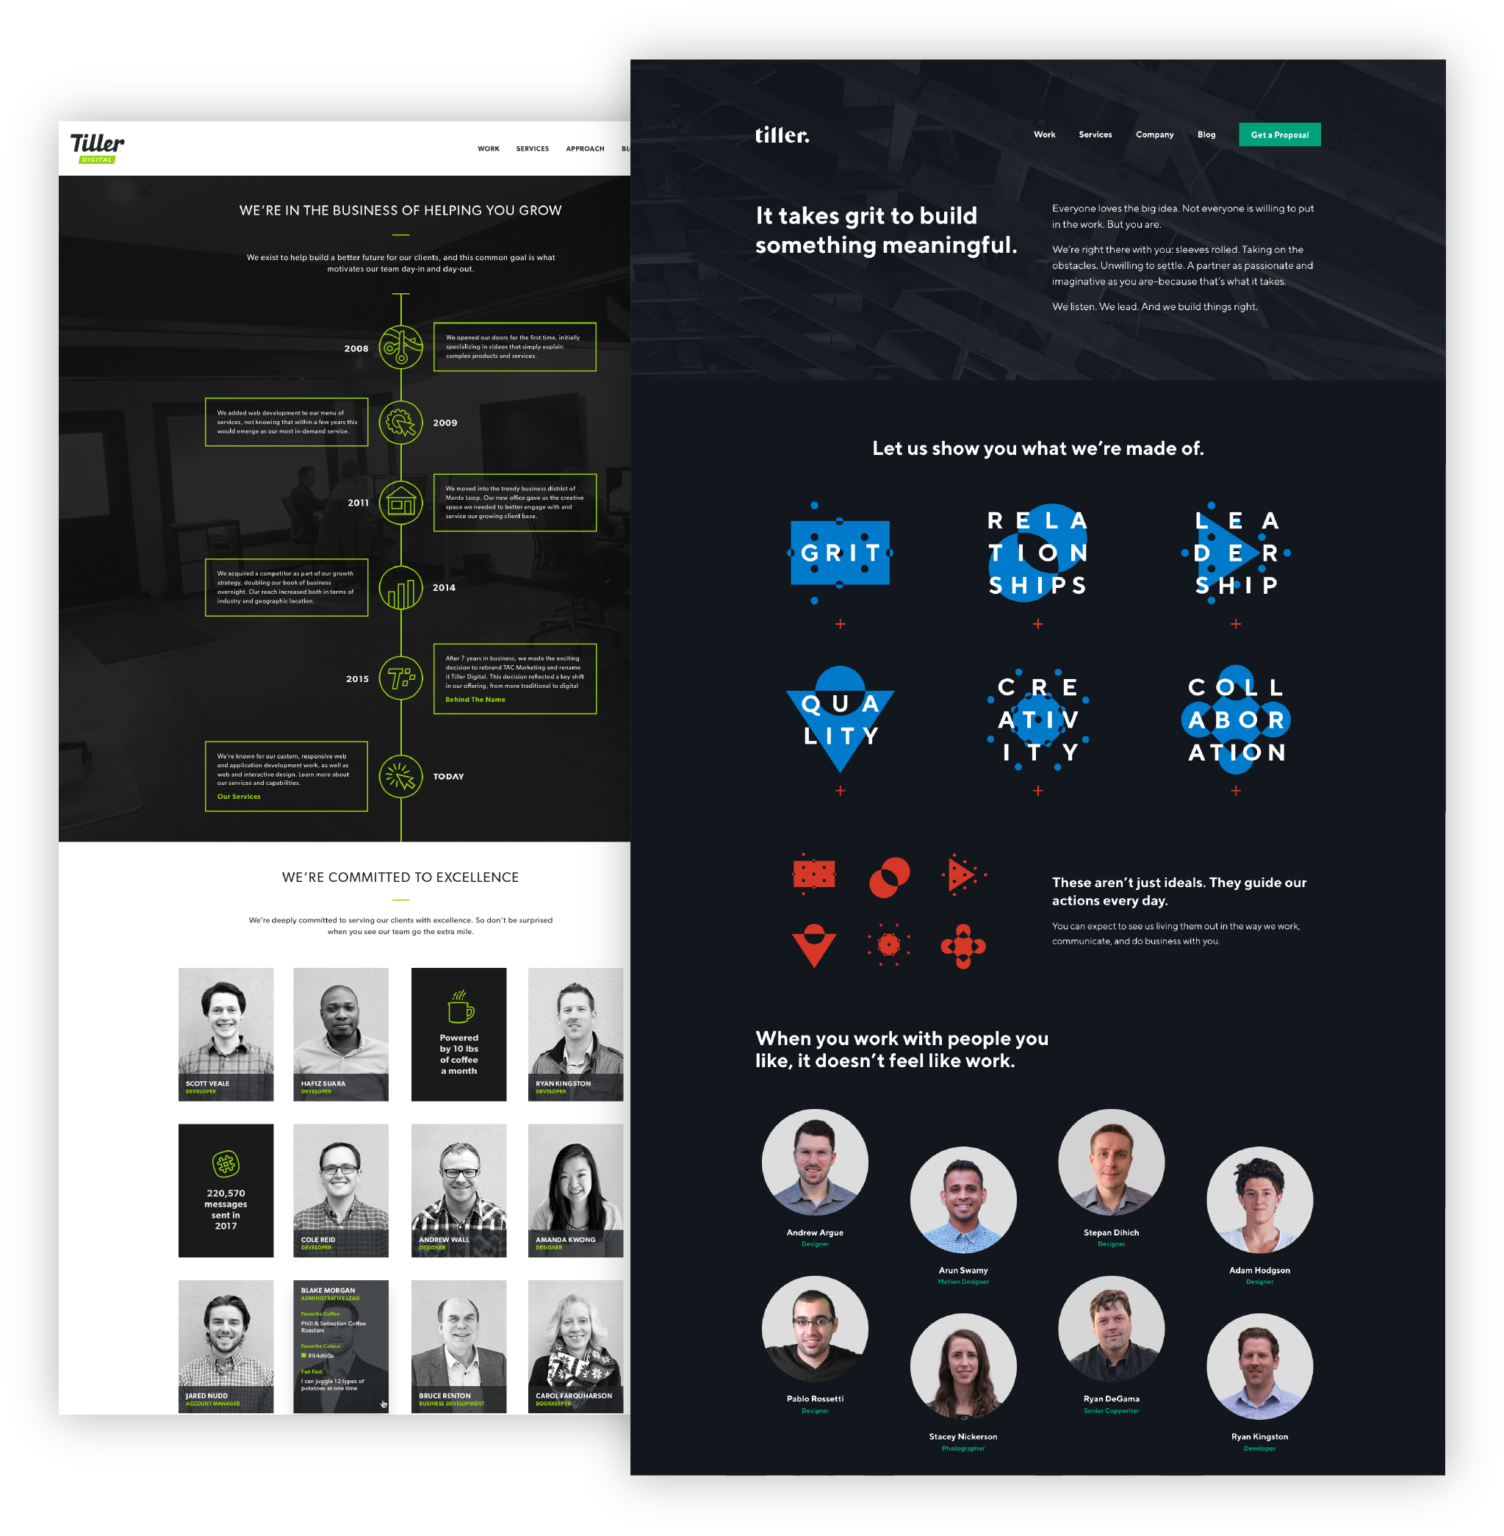 Tiller website before and after rebranding